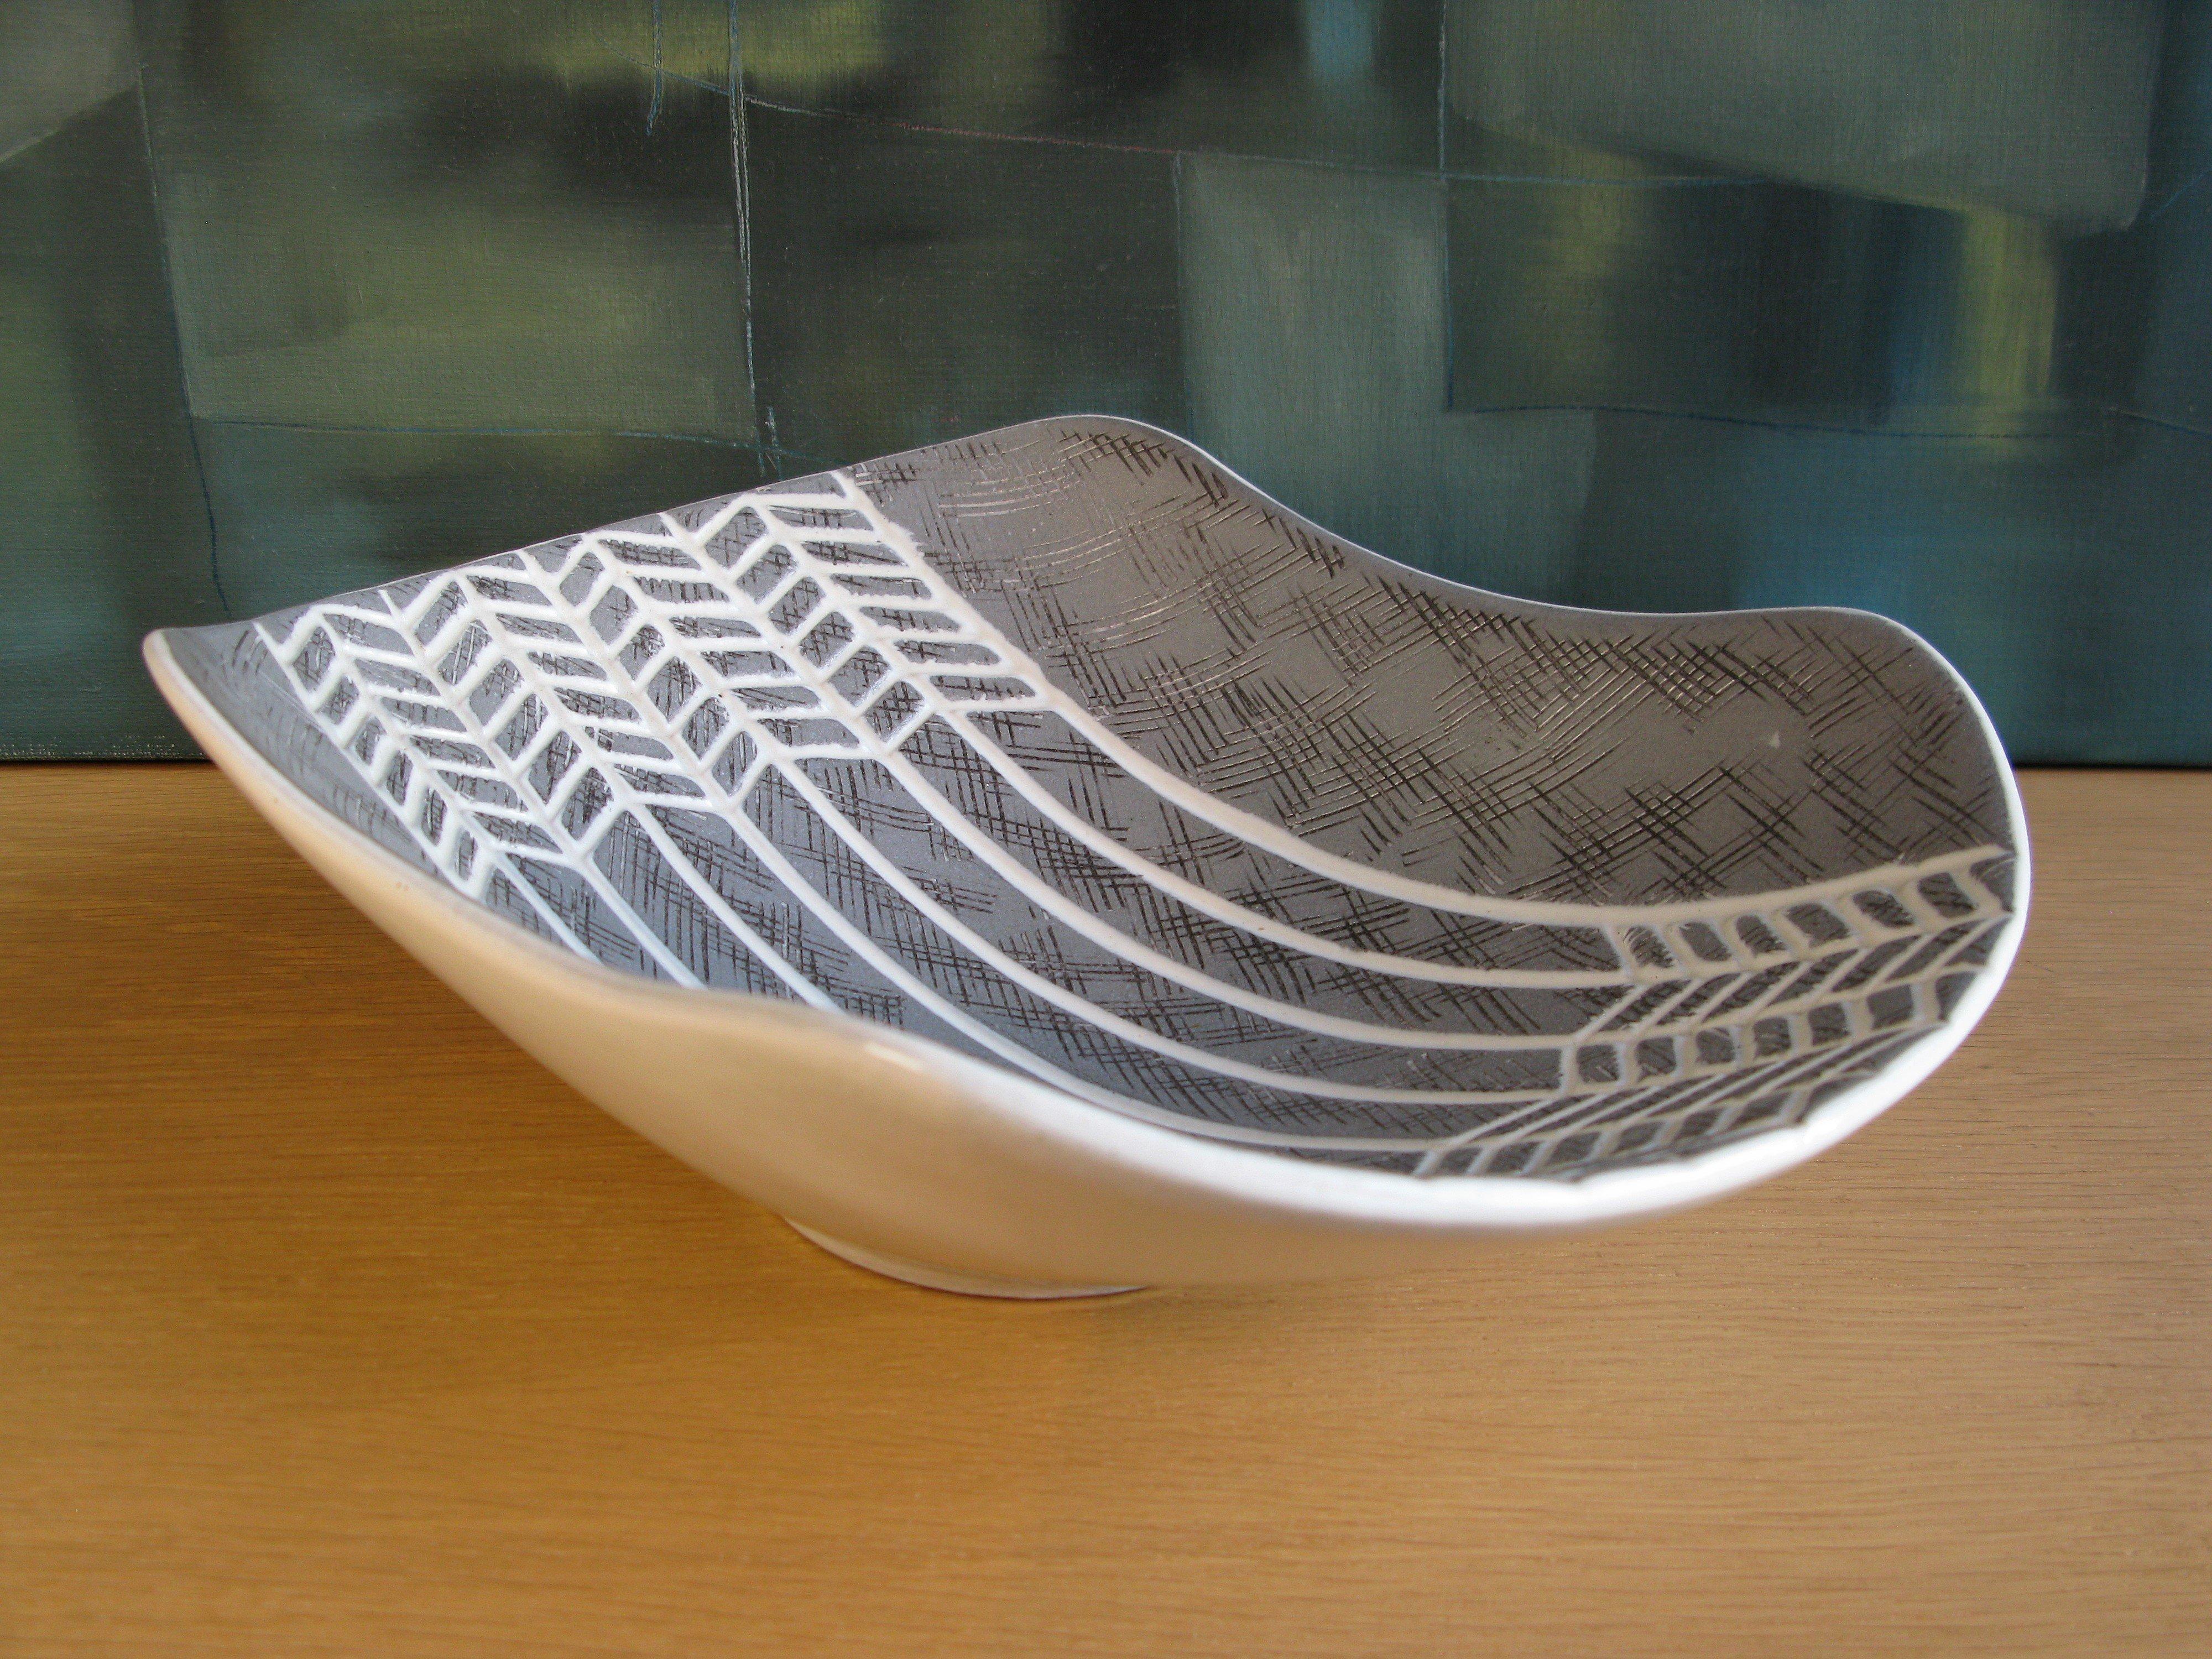 ax bowl 4328